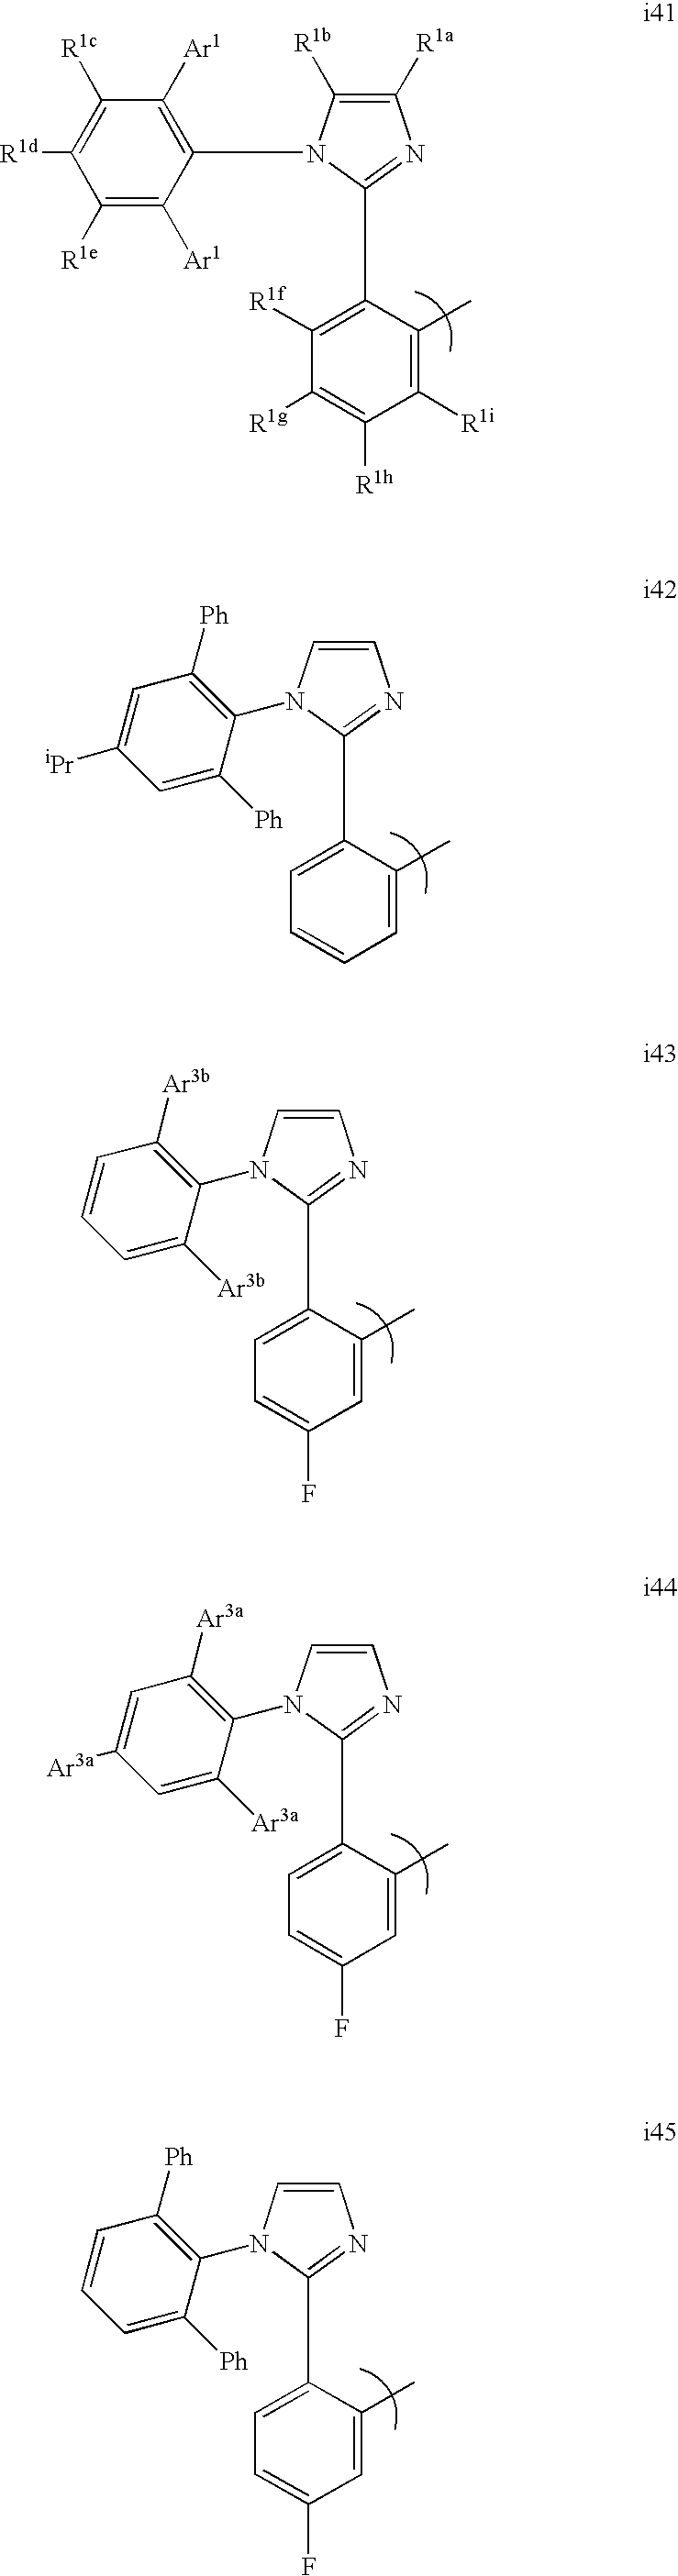 Figure US20070088167A1-20070419-C00014